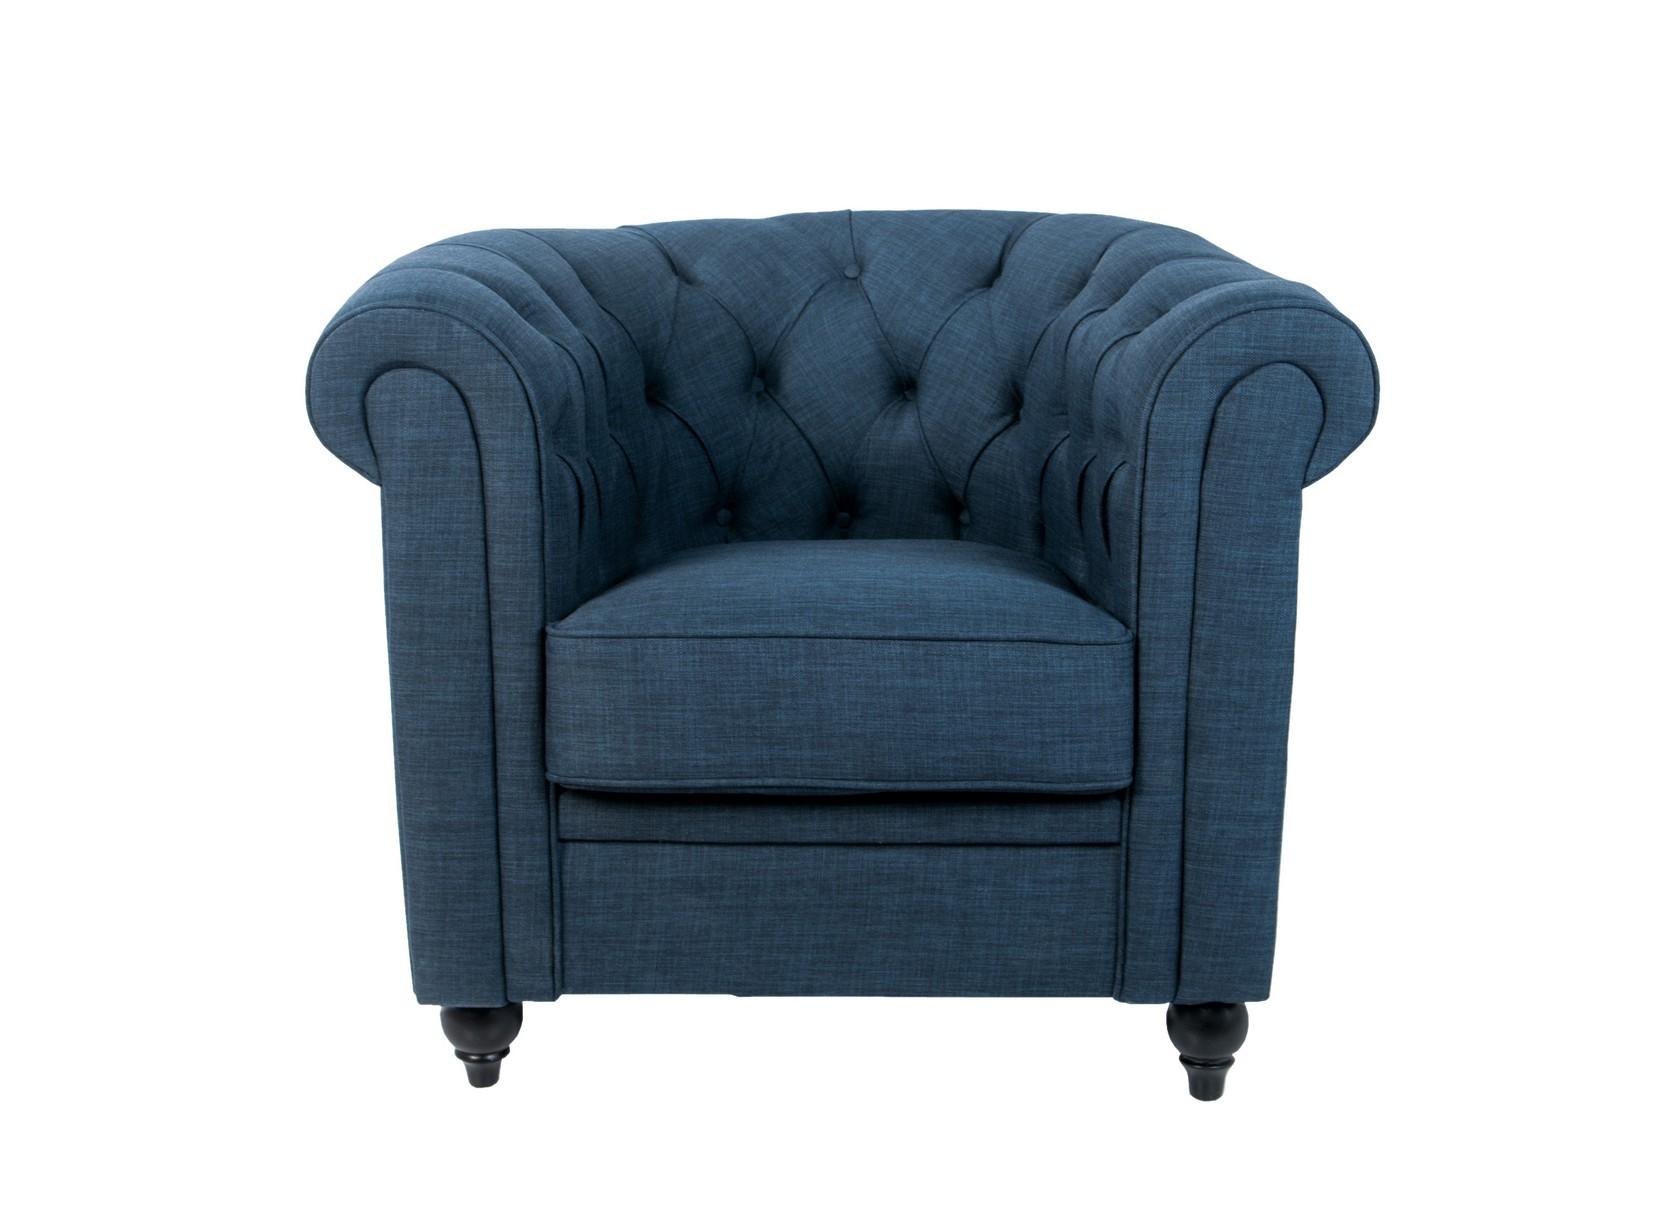 Кресло NalaИнтерьерные кресла<br>Nala — классическая модель кресла синего цвета, с объемной каретной стяжкой на пуговицах. По фасаду подлокотники декорированы мебельными гвоздями. Это шикарное кресло непременно станет вашим любимцем! Ведь оно такое мягкое и удобное, что отдых в нем — истинное удовольствие.<br><br>Material: Лен<br>Width см: 82<br>Depth см: 76<br>Height см: 71